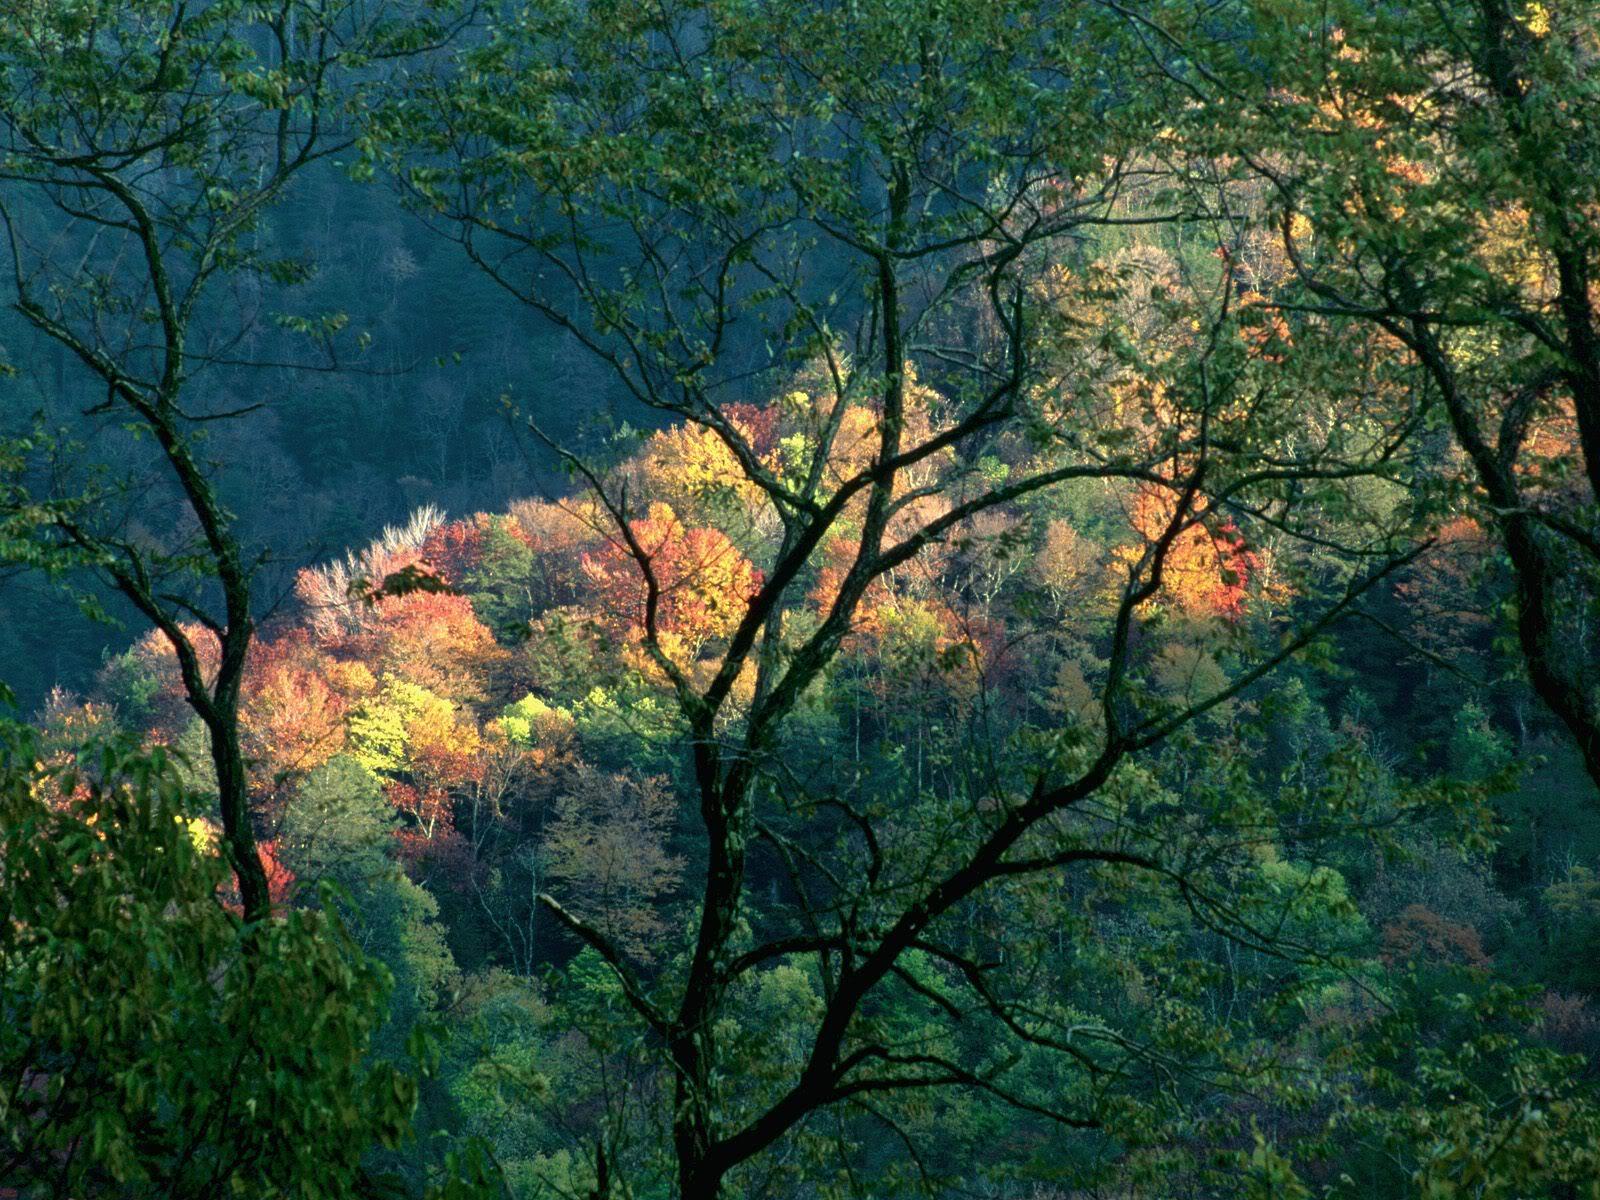 நான் ரசித்த இயற்கை காட்சில் சில உங்களுக்காக....1 - Page 2 AutumnLightGreatSmokyMountainsTenne